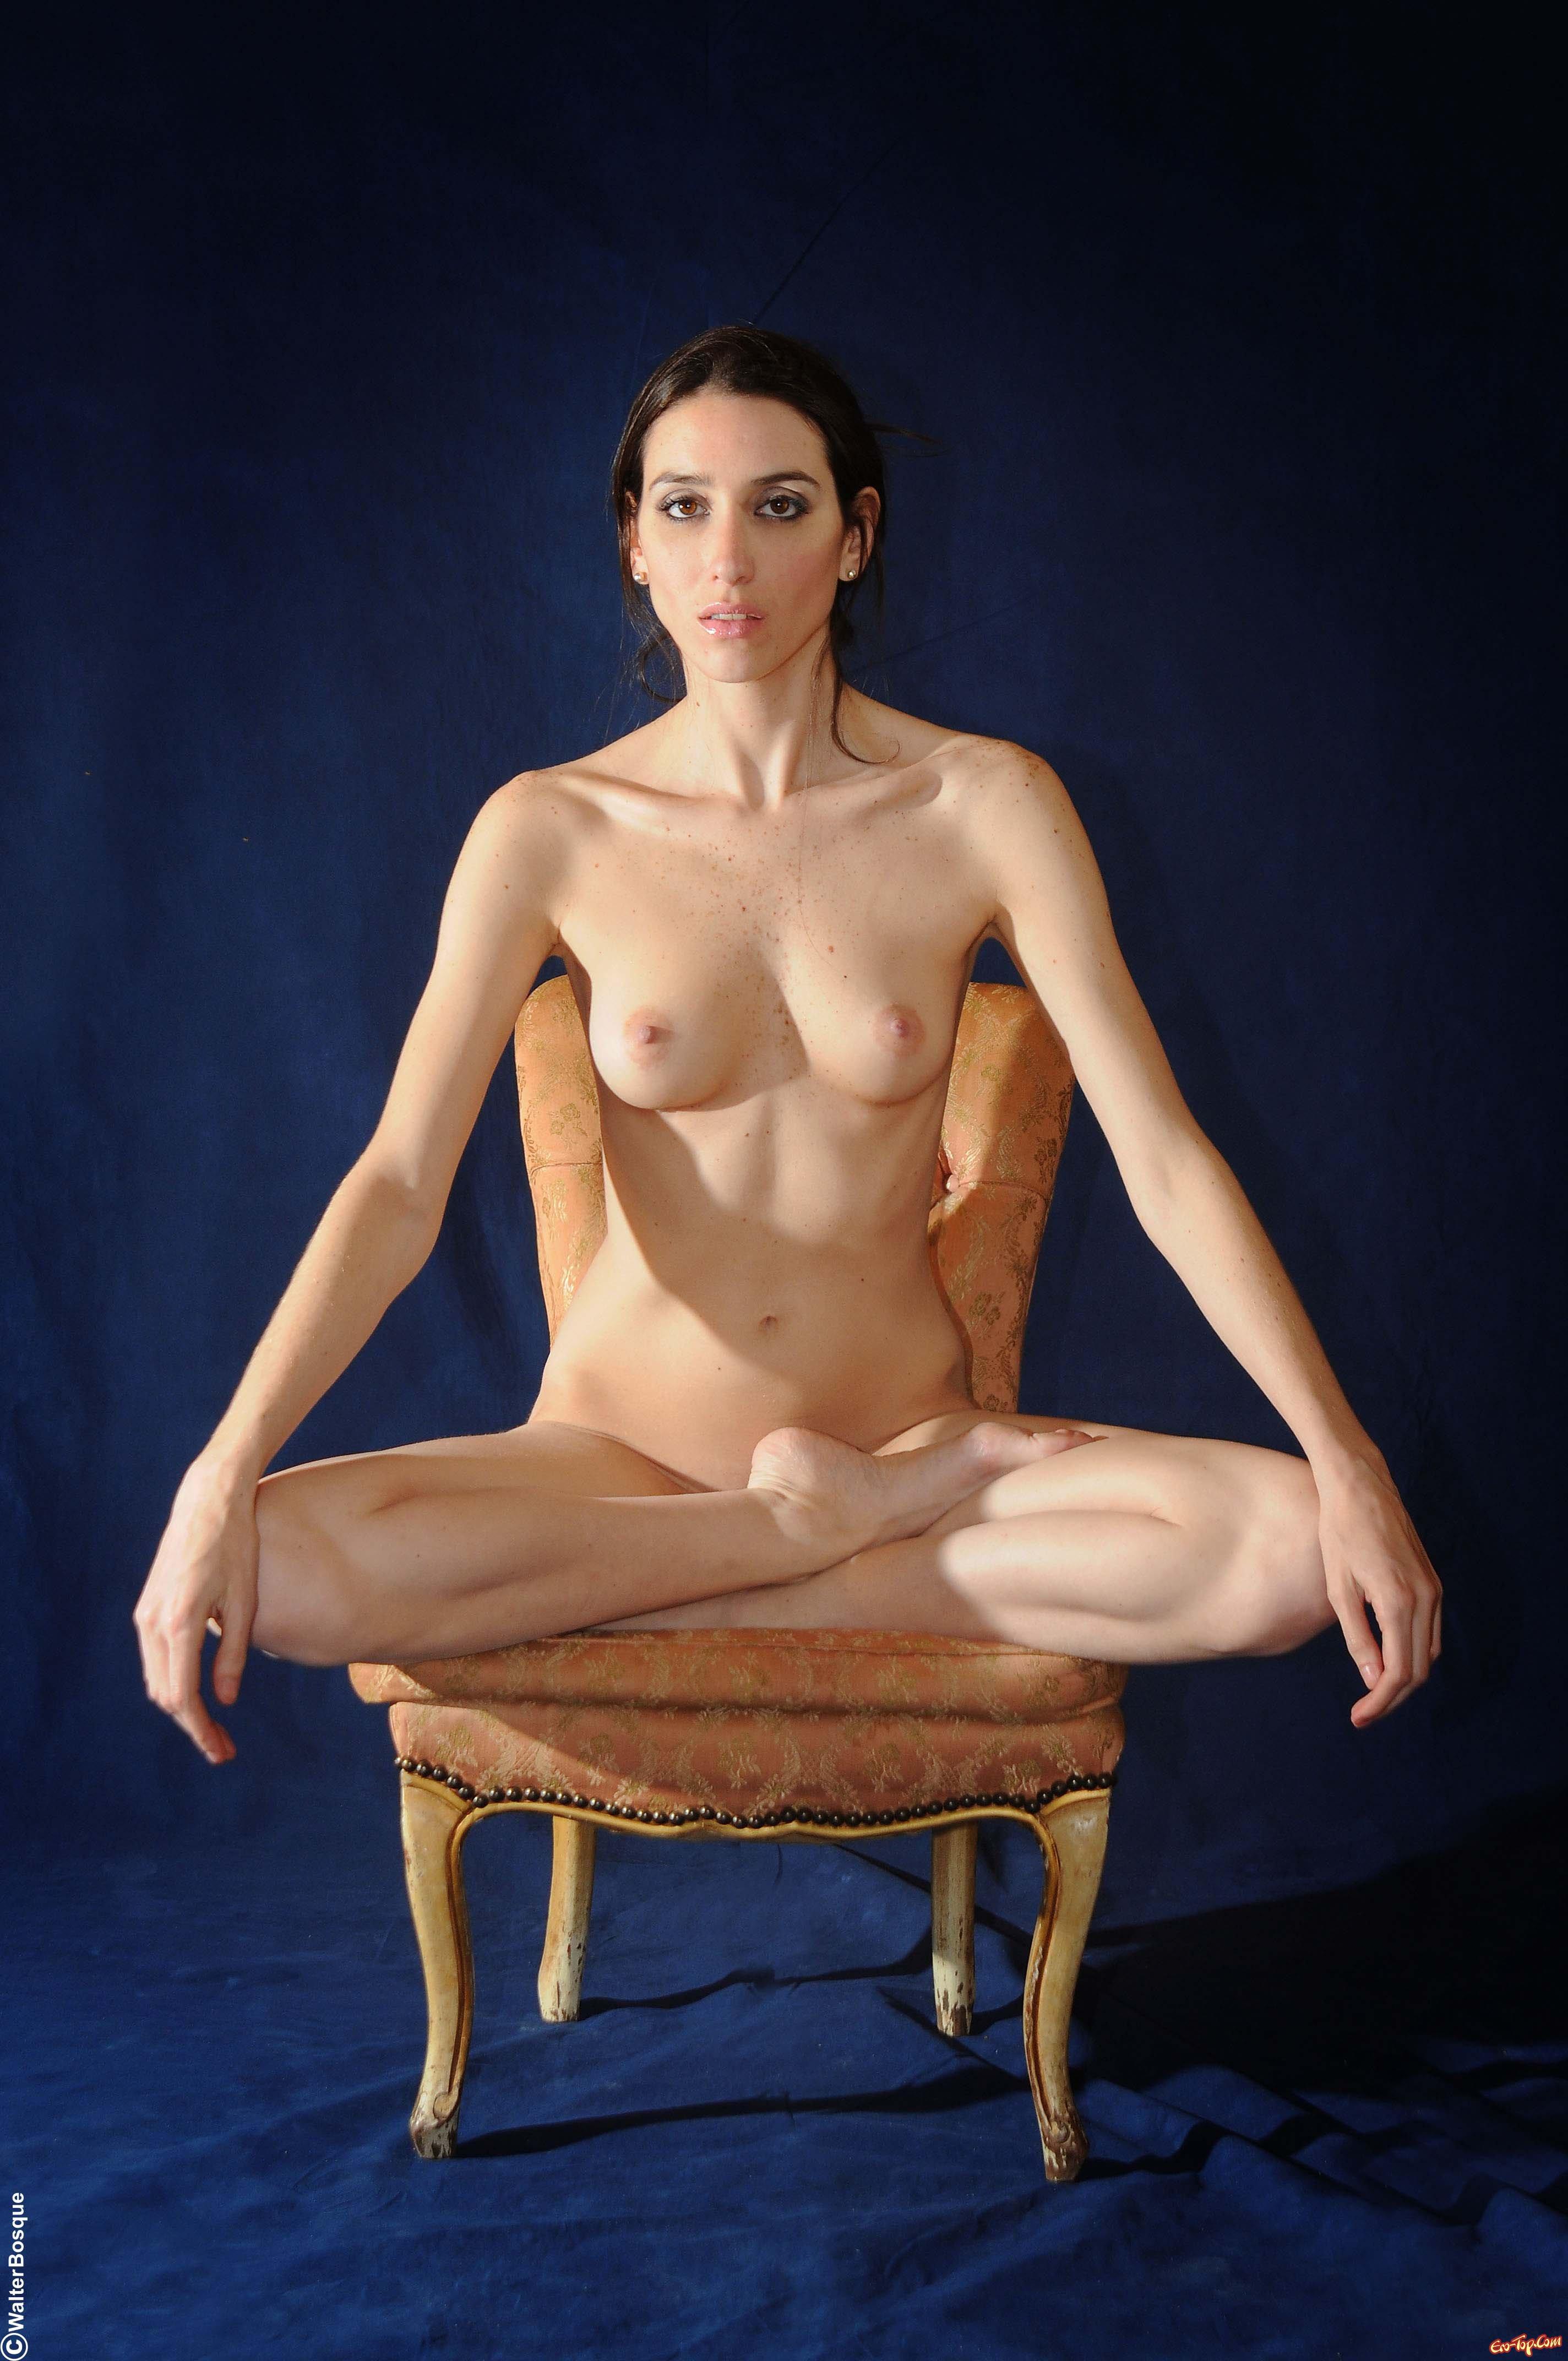 картинки голых девушек в позе лотос